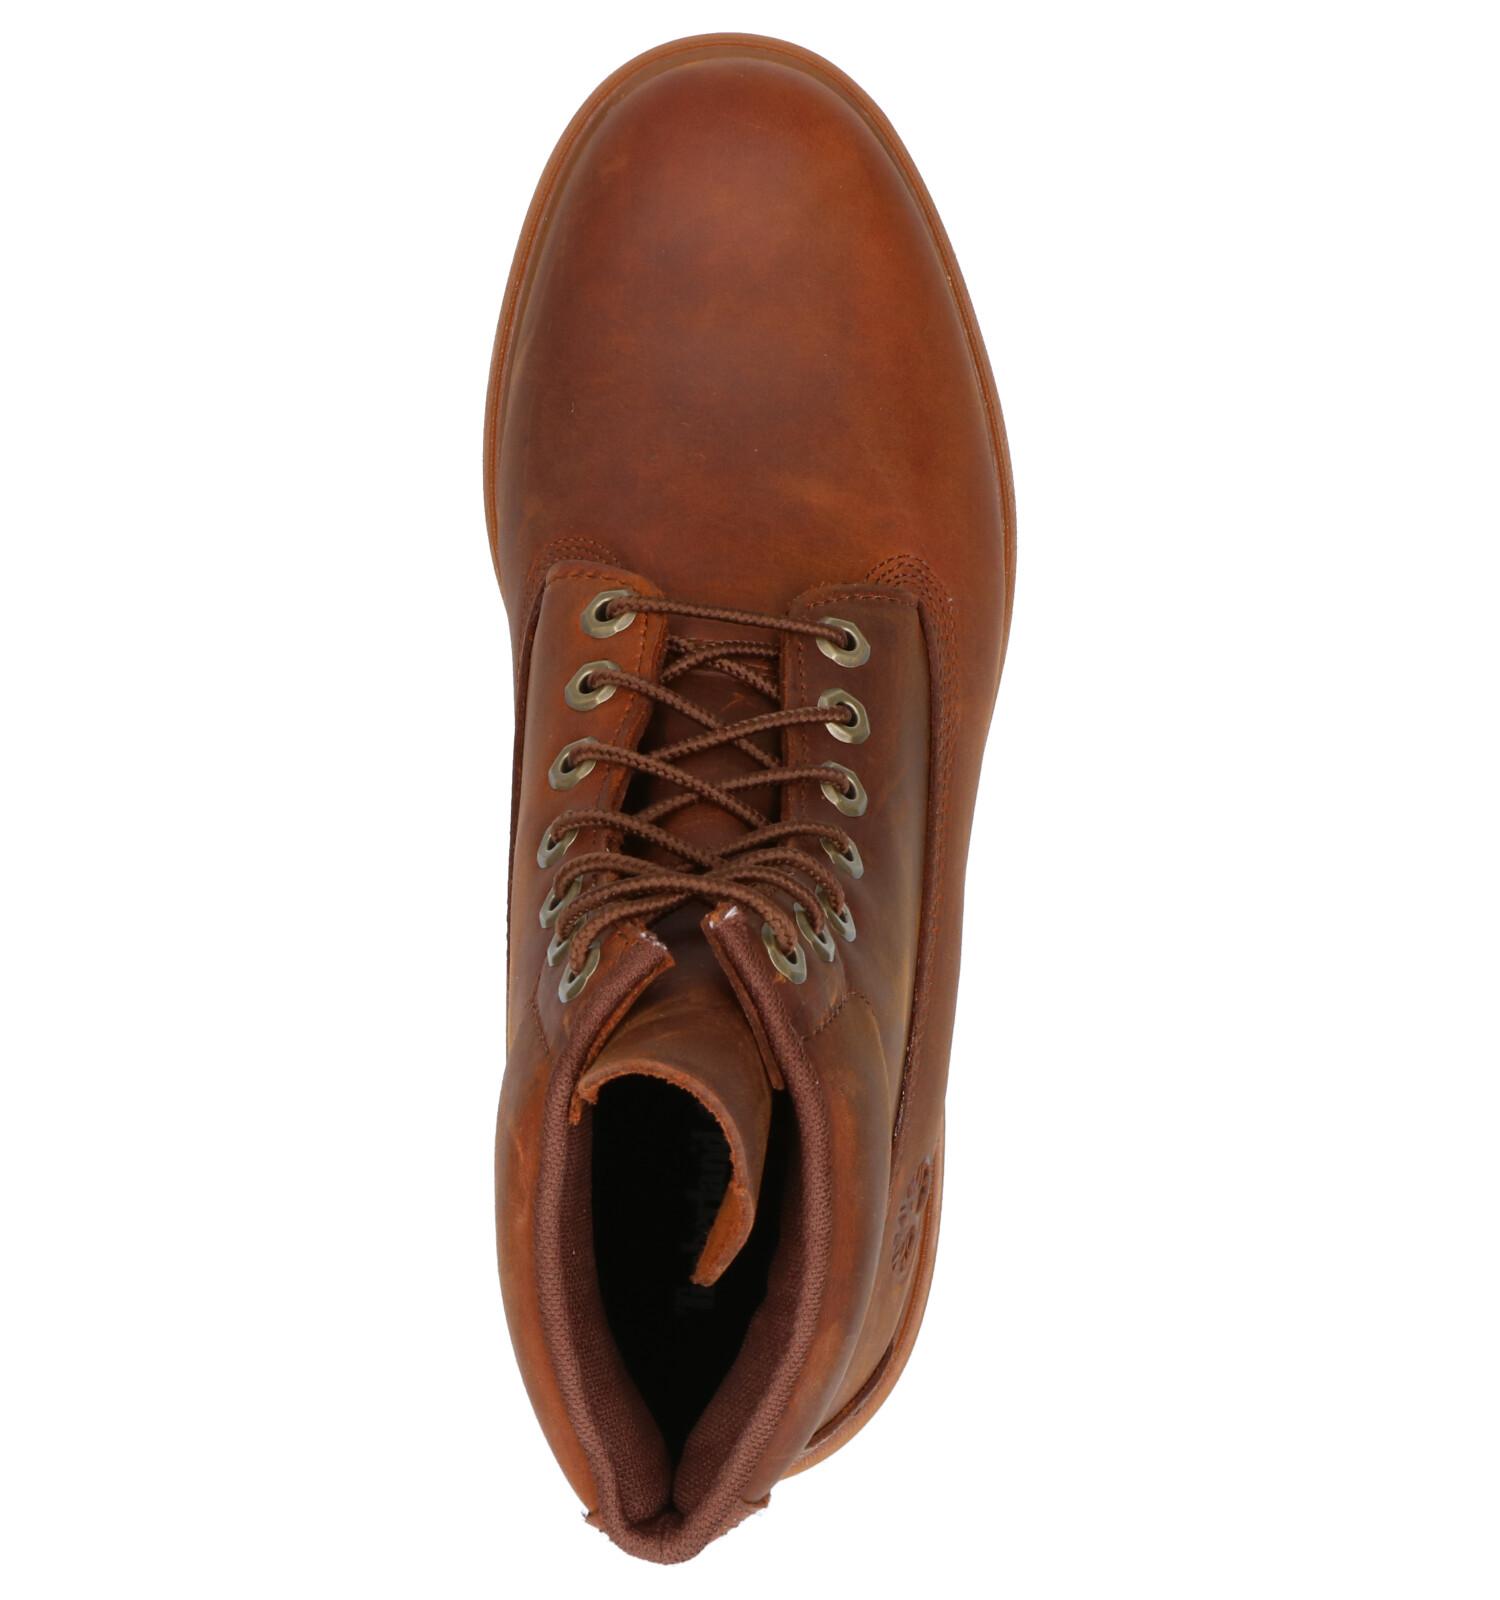 Timberland 6 Inch Basic Bruine Boots | SCHOENENTORFS.NL